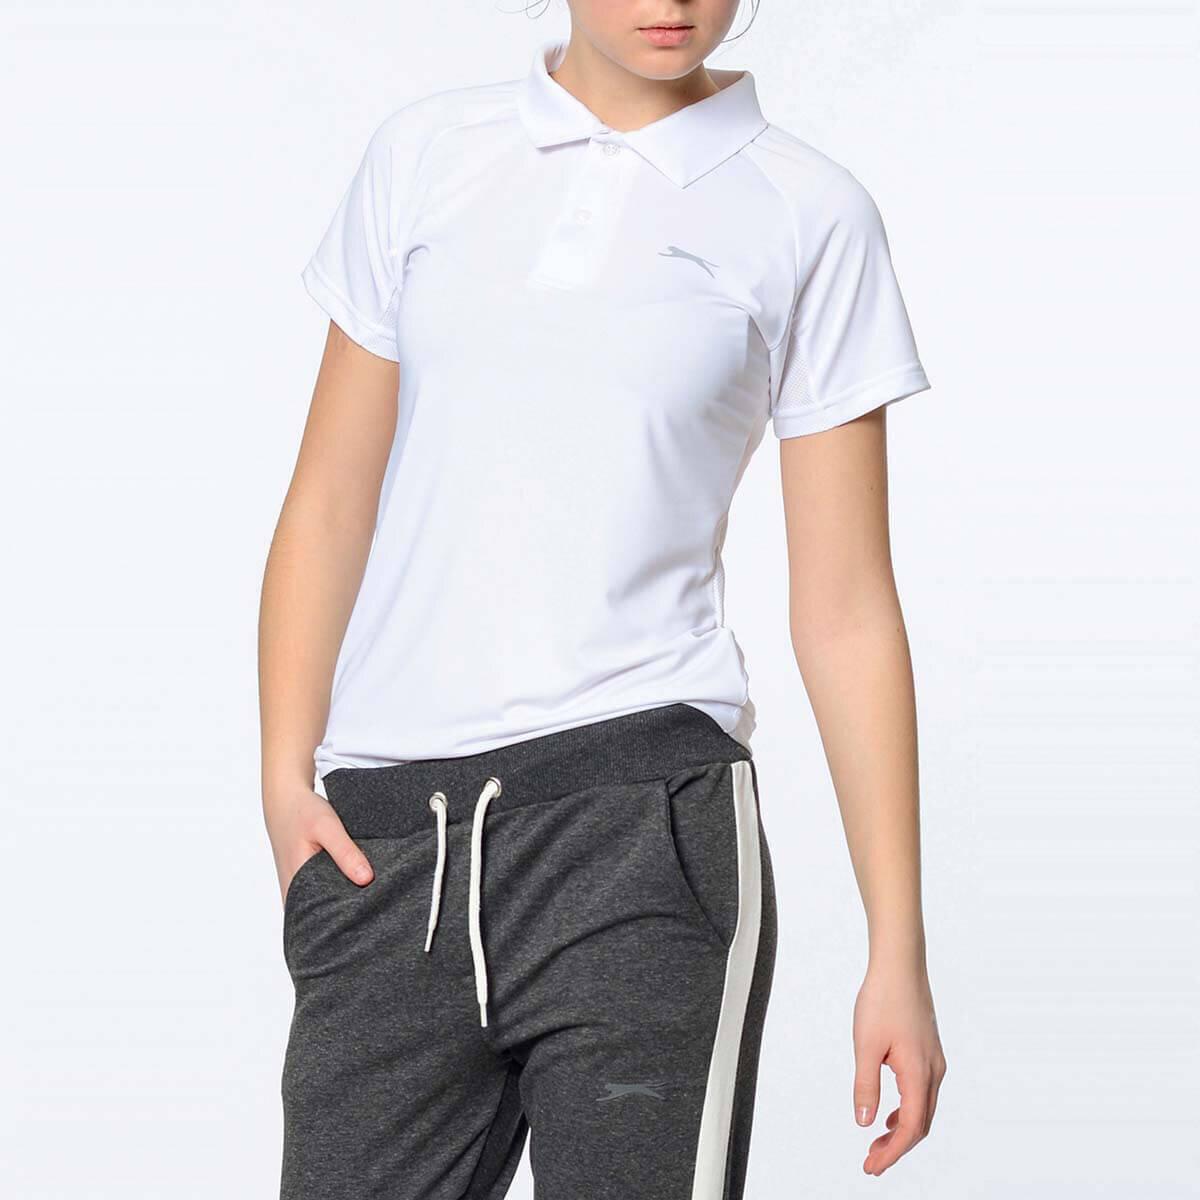 BEYAZ Kadın Kısa Kol T-Shirt ST18TK002-000